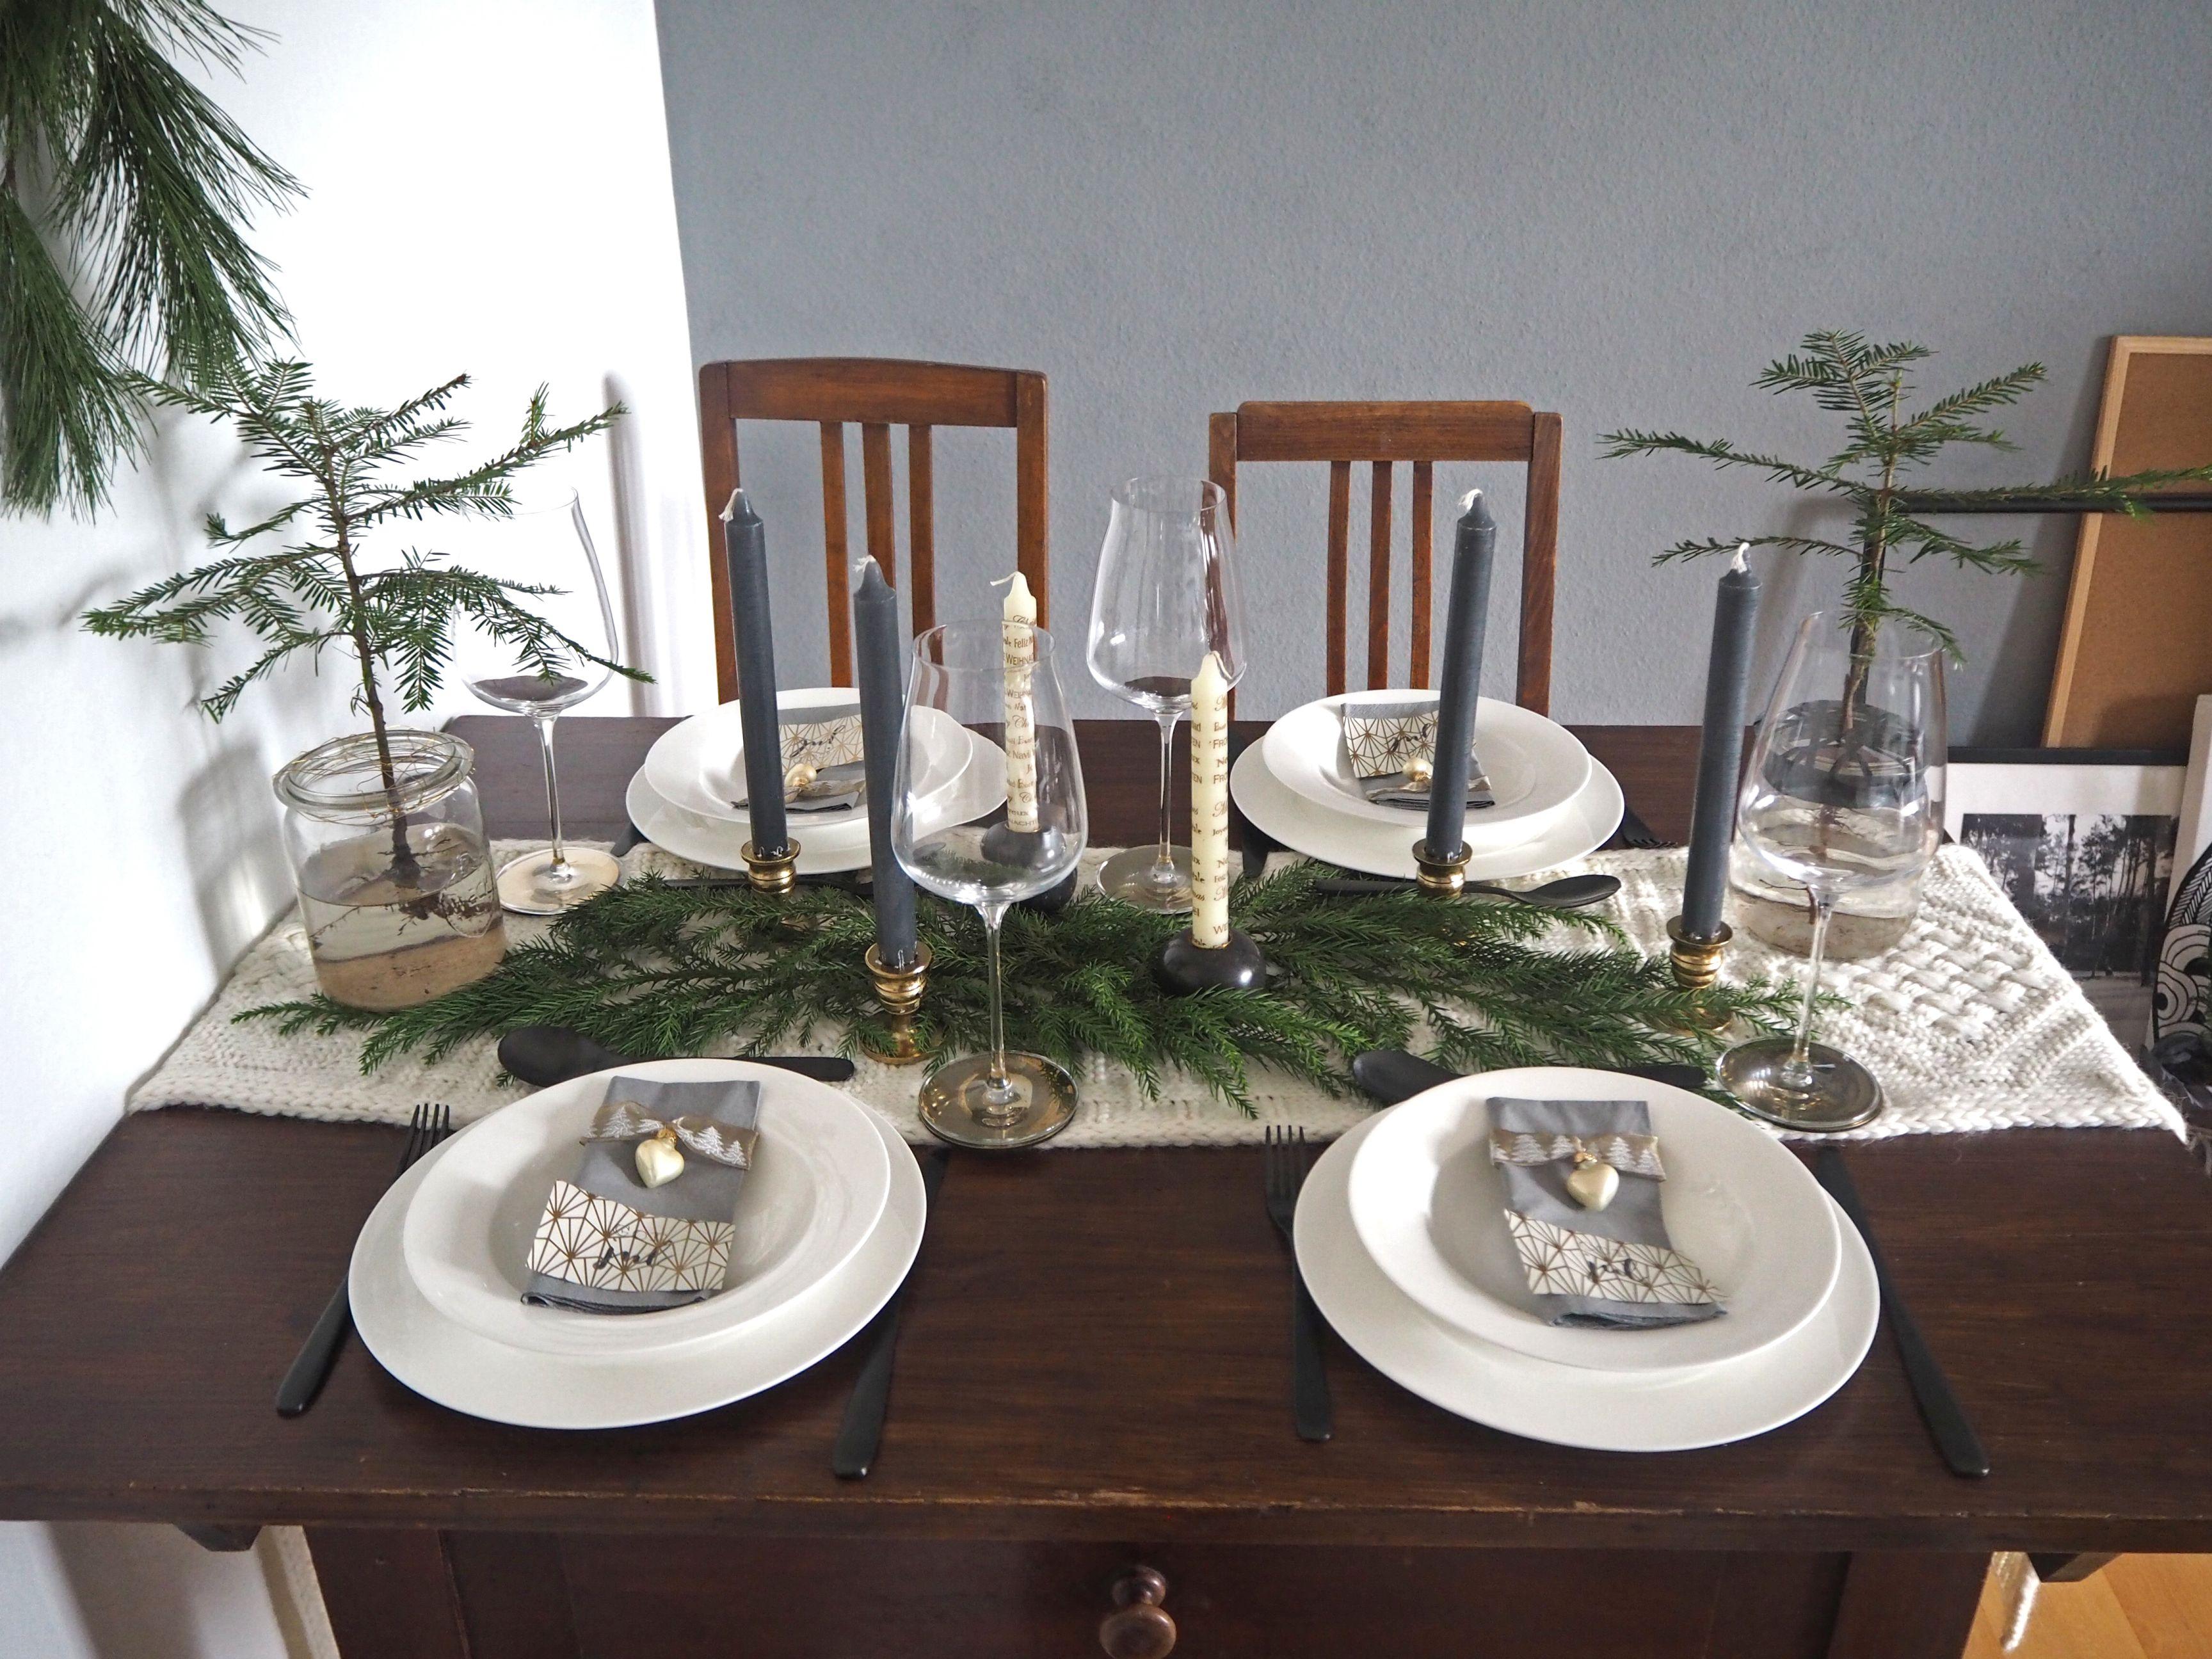 2018-skoen-och-kreativ-interior-tischdeko-festliche-tischdekoration-im-skandi-stil-weihnachten-god-jul-tabledecor (7)